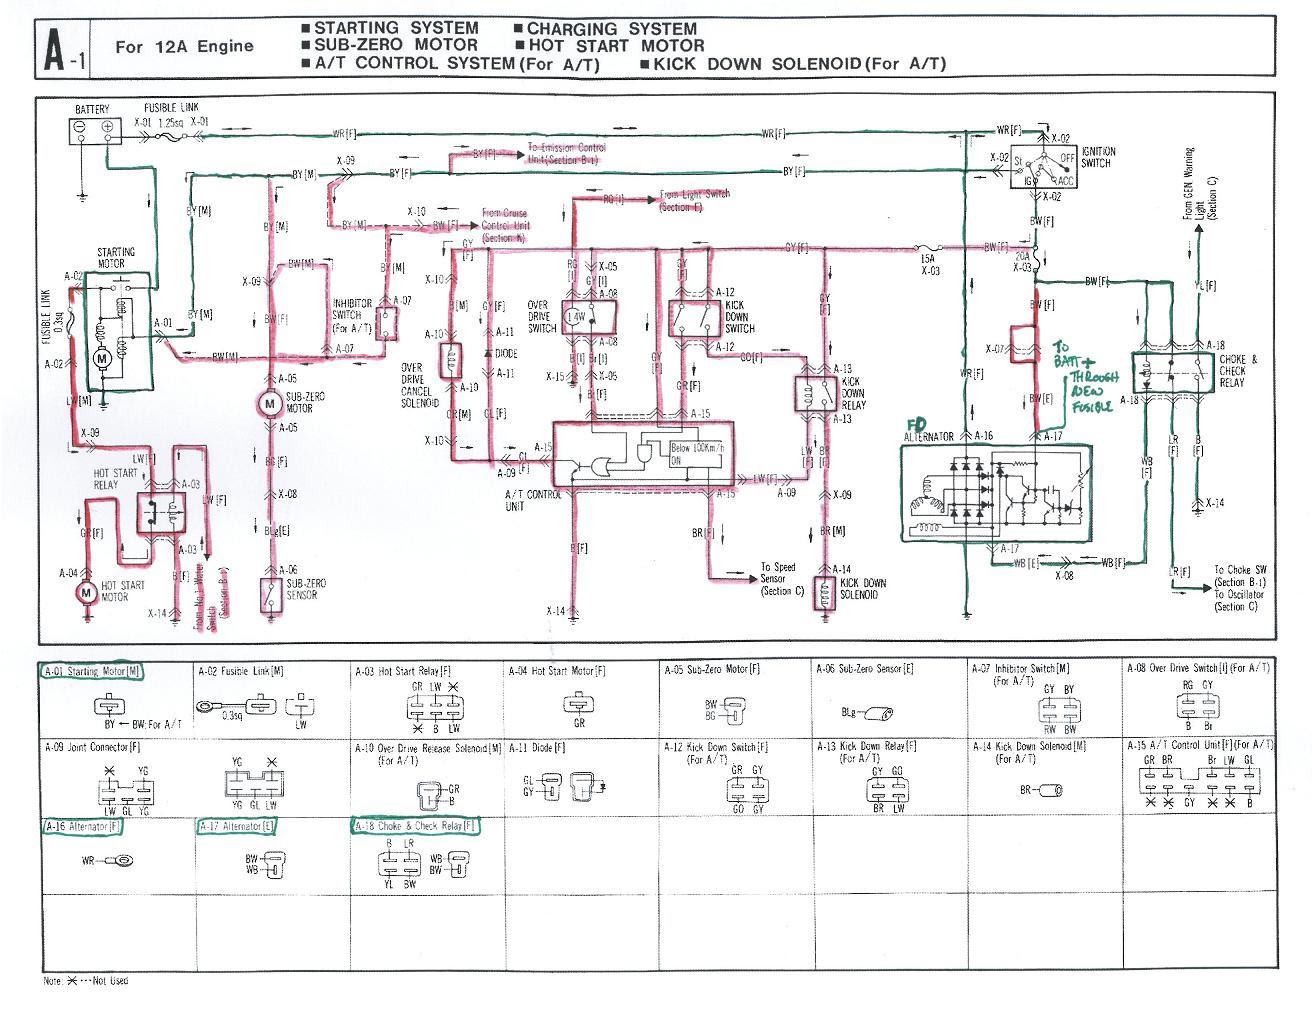 diagram] 2000 sterling l9500 wiring diagram full version hd quality wiring  diagram - diagramreamsw.ritrattodiunpianetaselvaggio.it  ritratto di un pianeta selvaggio